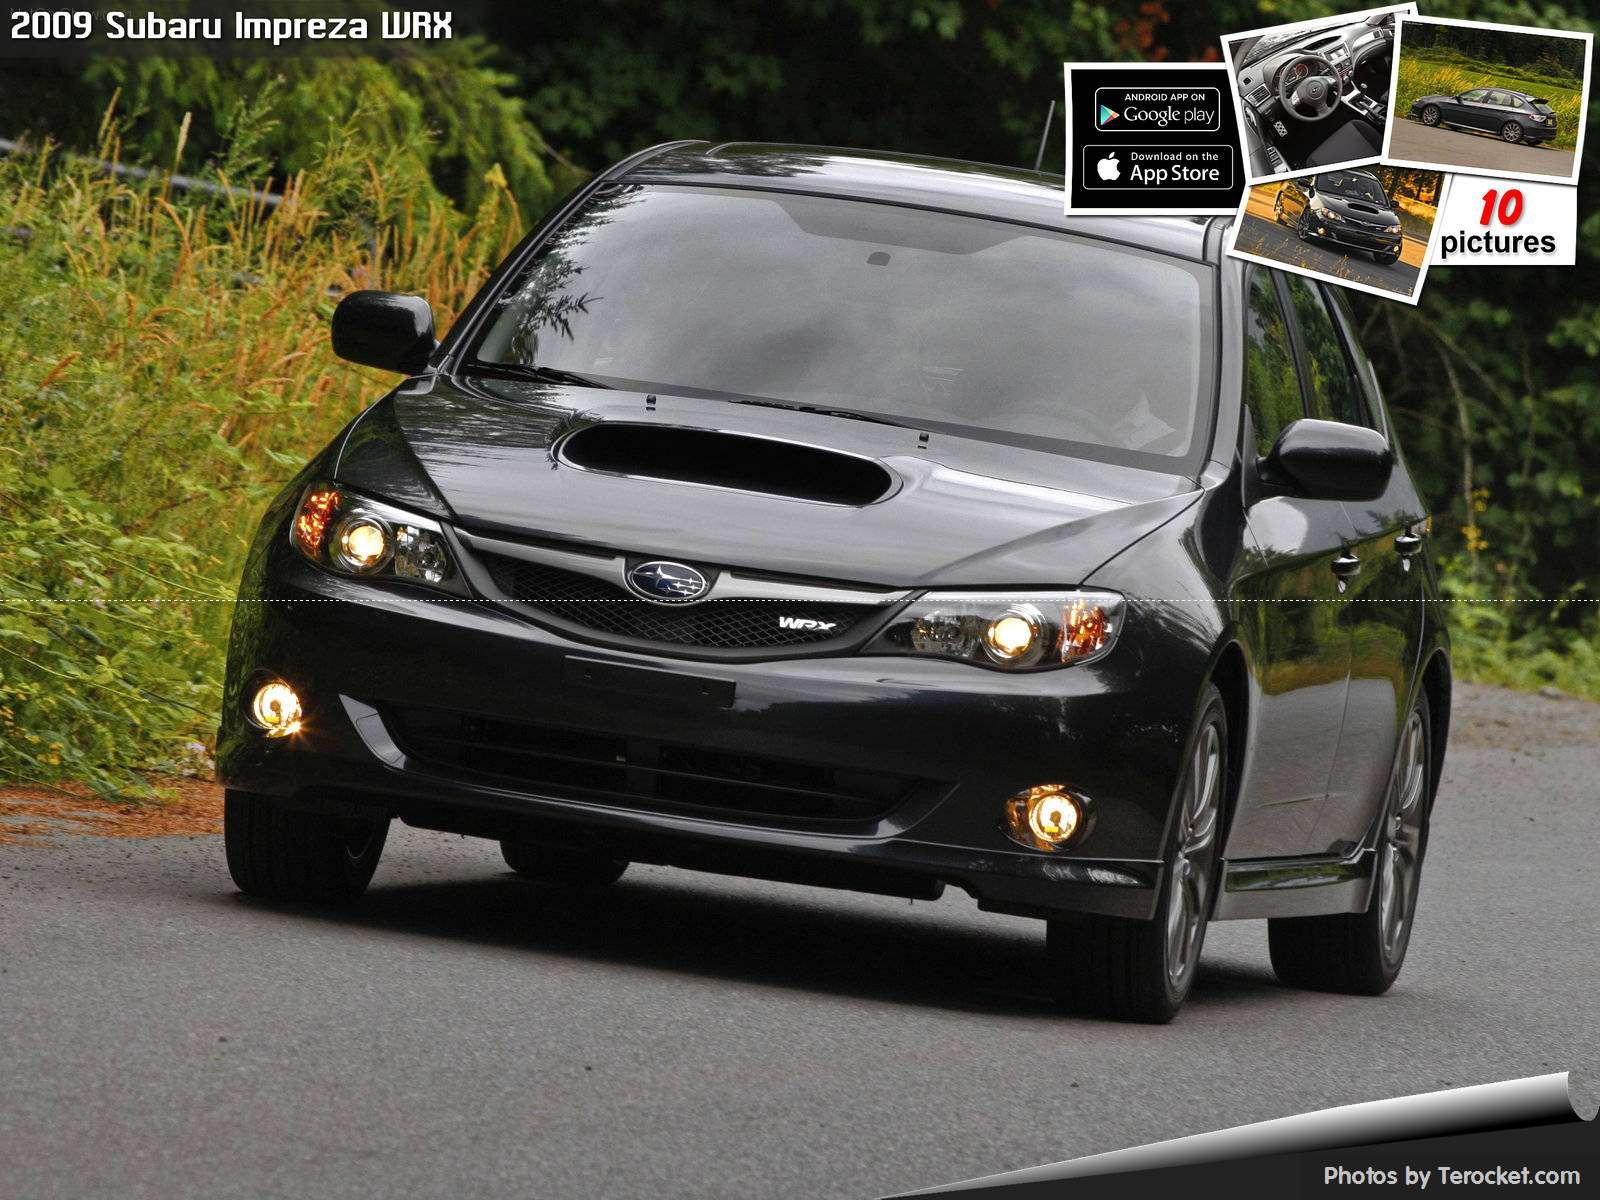 Hình ảnh xe ô tô Subaru Impreza WRX 2009 & nội ngoại thất